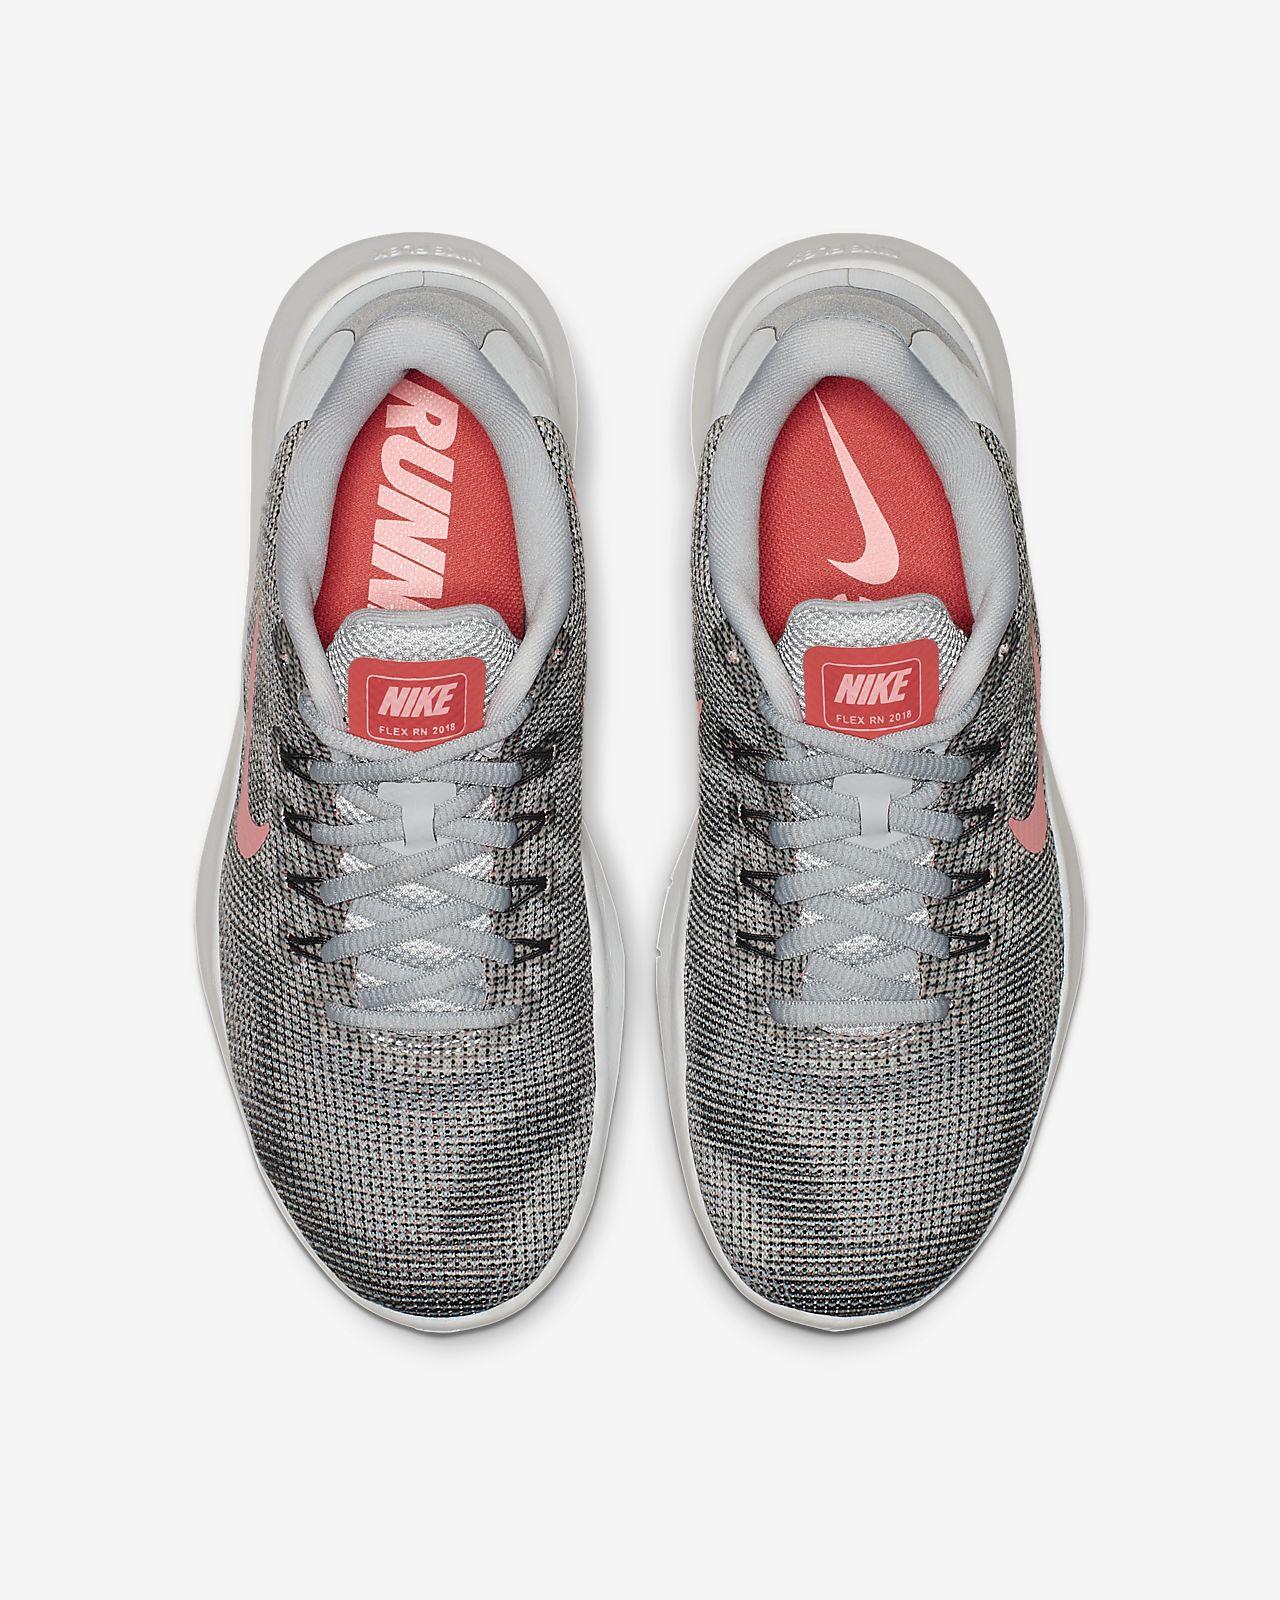 6414416de12 Calzado de running para mujer Nike Flex RN 2018. Nike.com MX